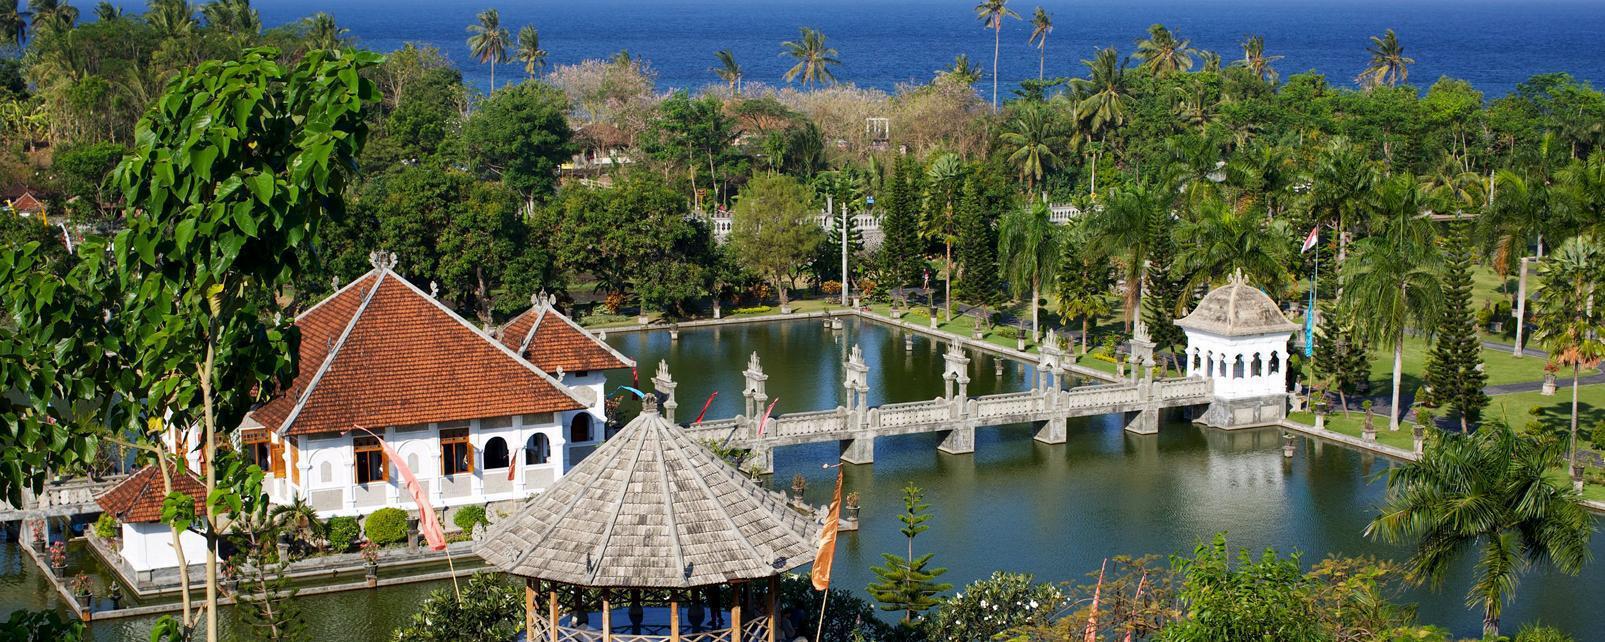 Asie; Indonésie; Bali; Candi Dasa;